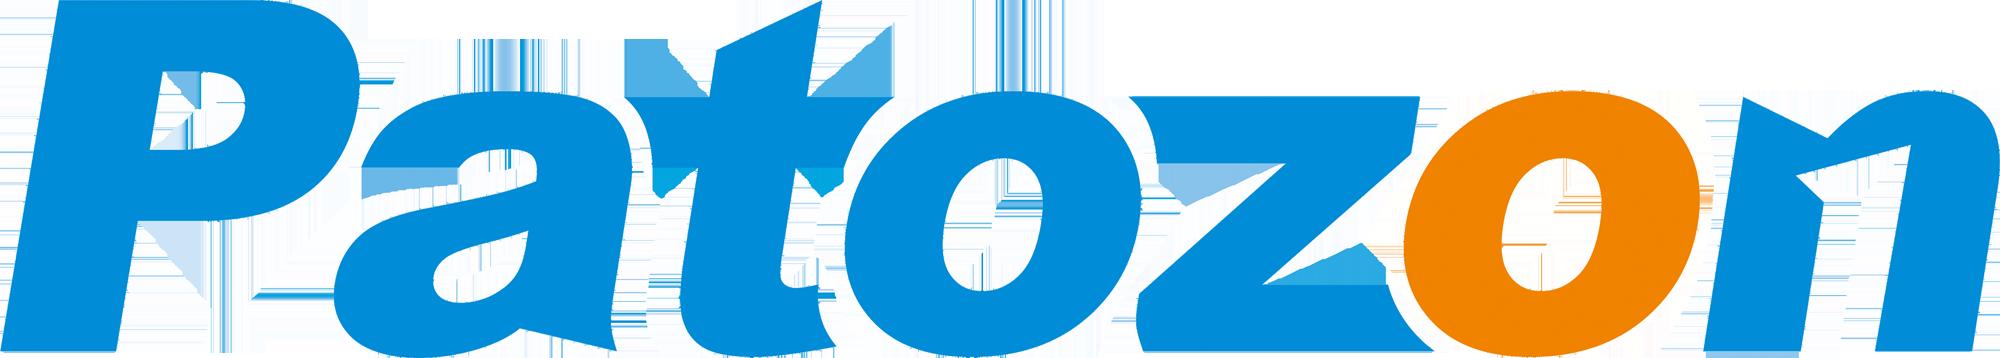 深圳前海帕拓逊网络技术有限公司日本电商运营经理日企招聘信息